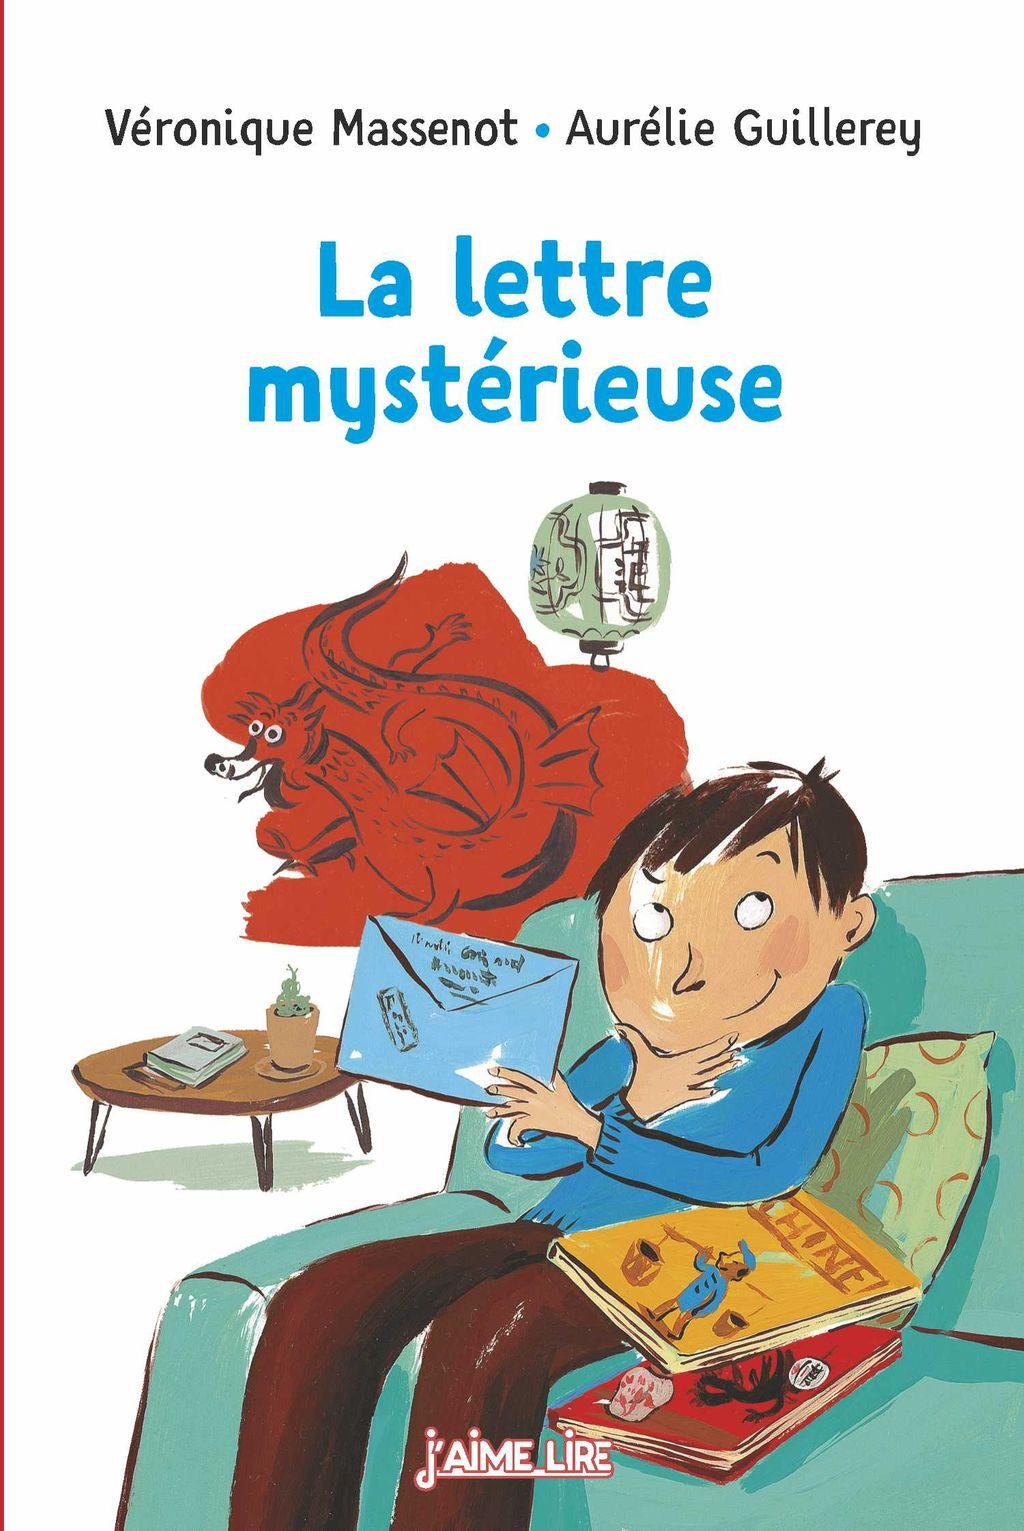 «La lettre mystérieuse» cover